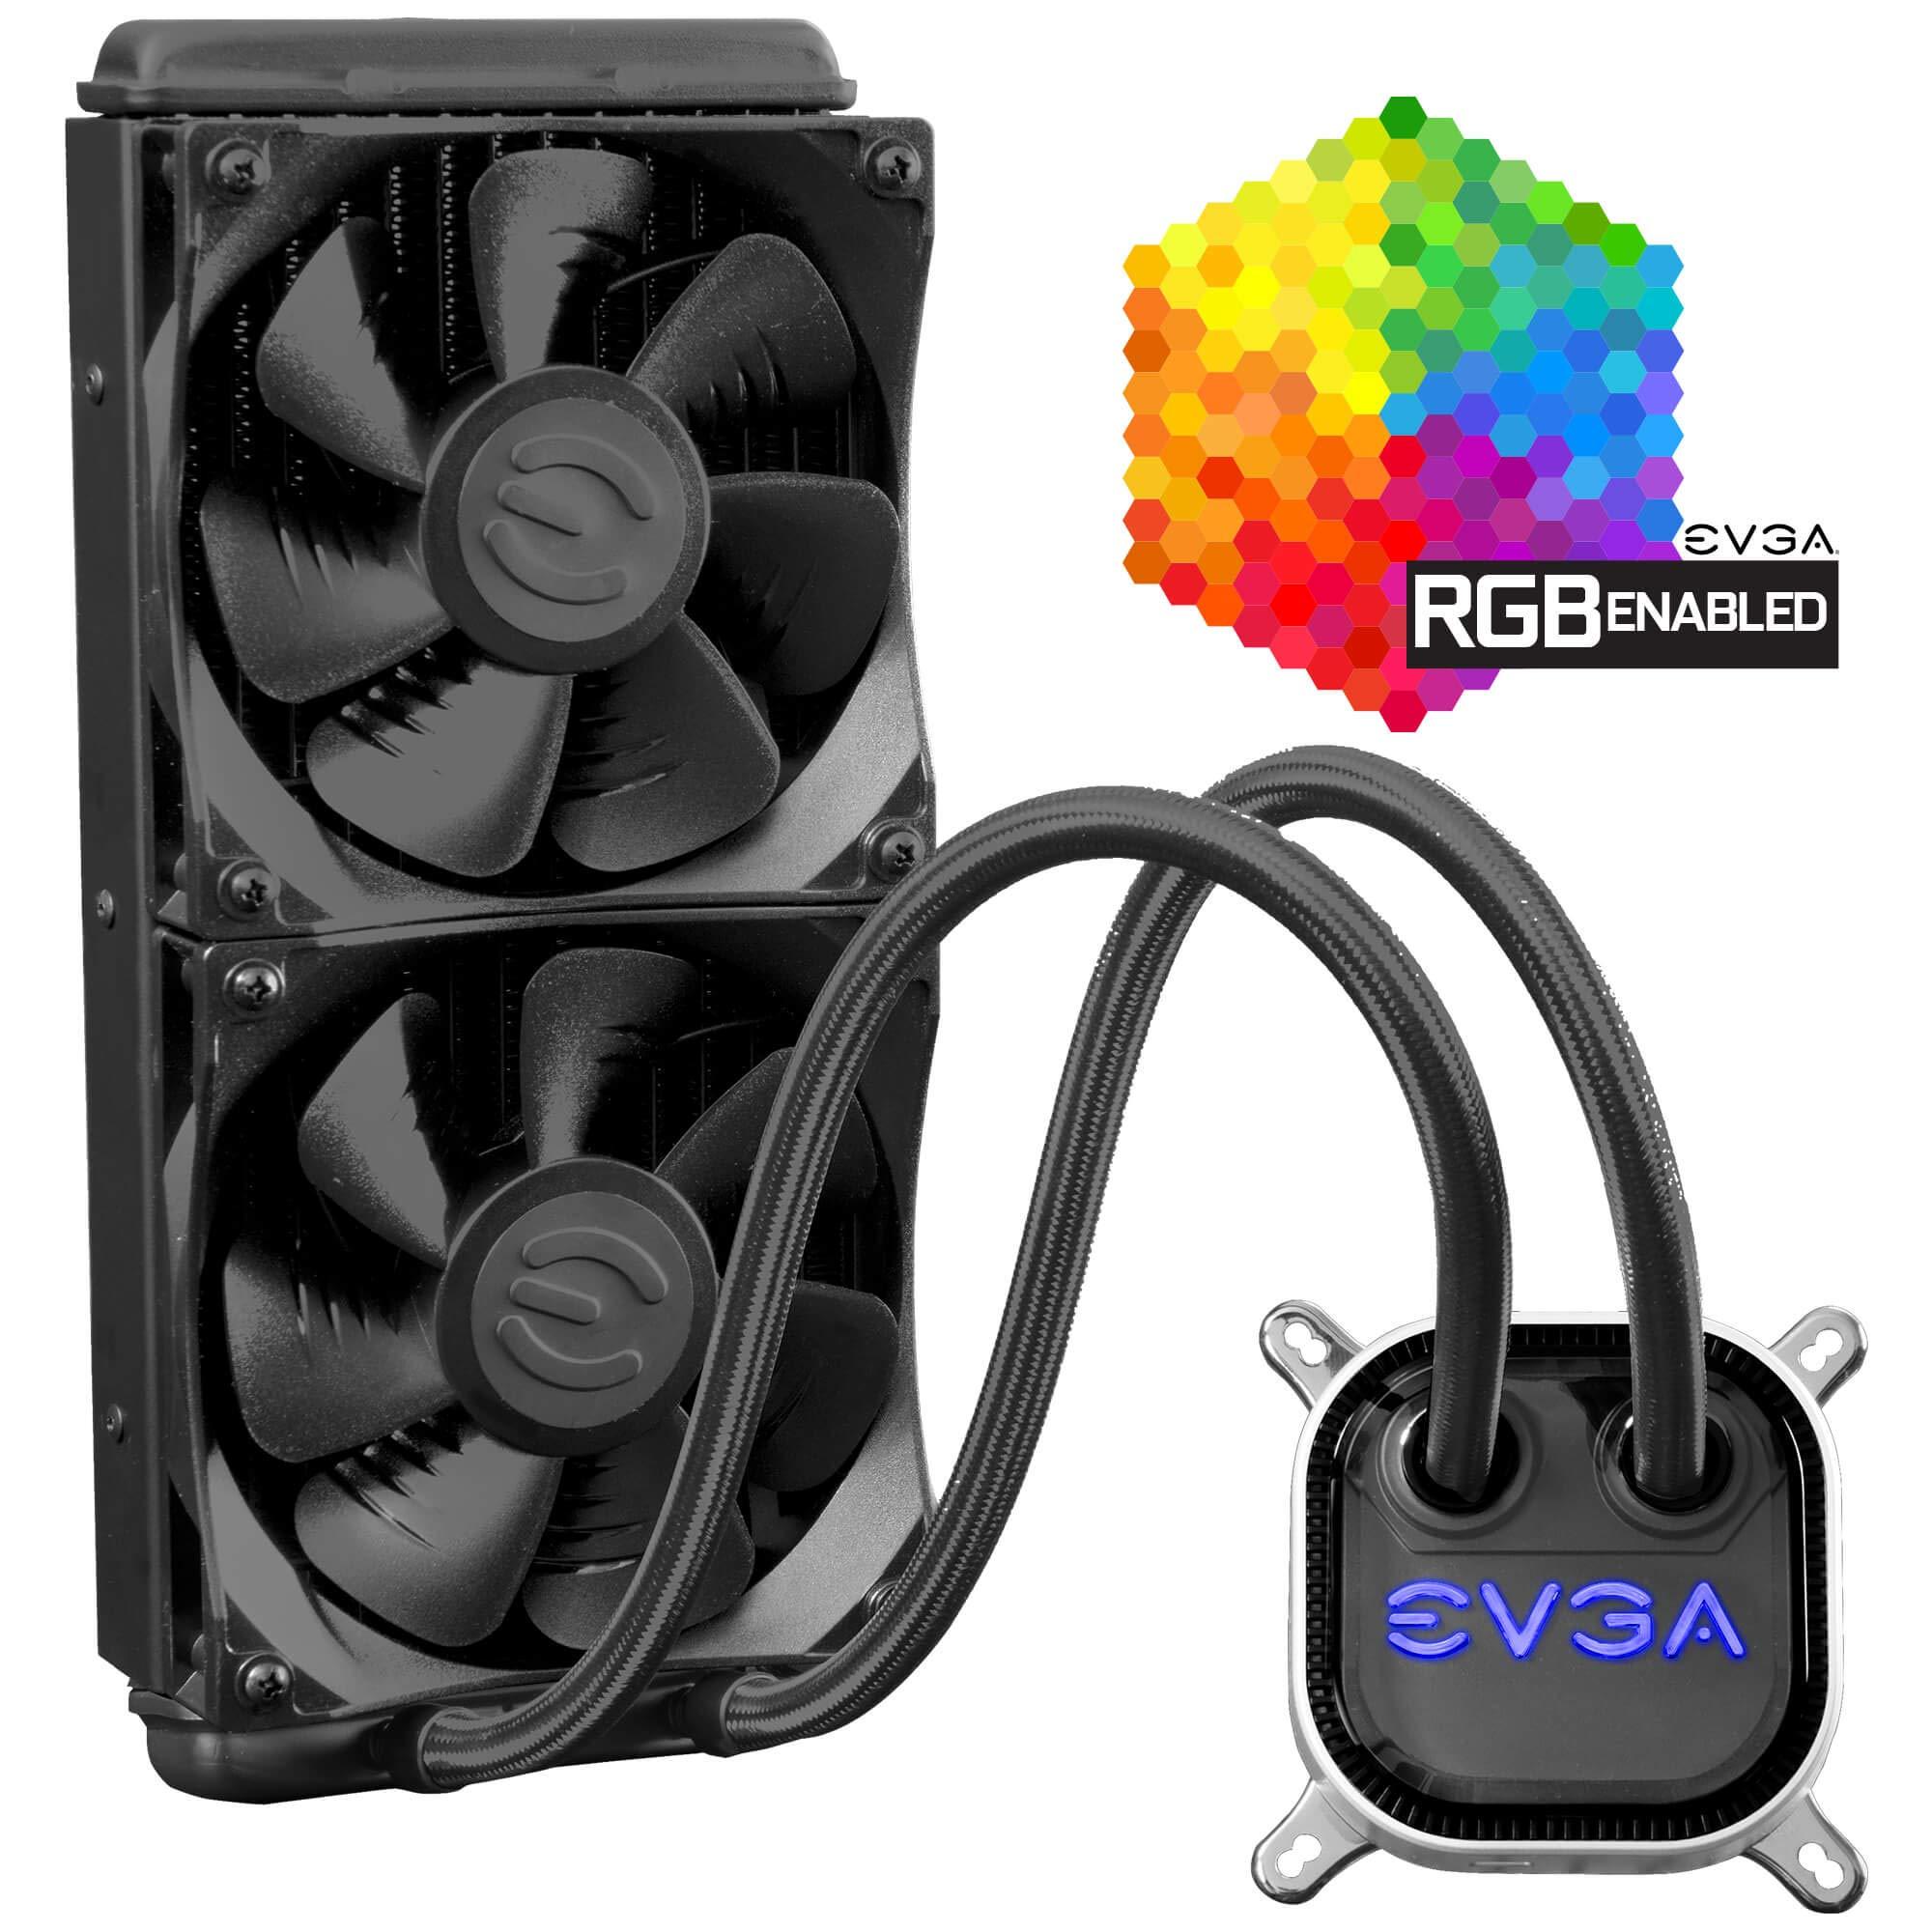 EVGA CLC 240mm All-In-One RGB LED CPU Liquid Cooler, 2x FX12 120mm PWM Fans, Intel, AMD, 5 YR Warranty, 400-HY-CL24-V1 by EVGA